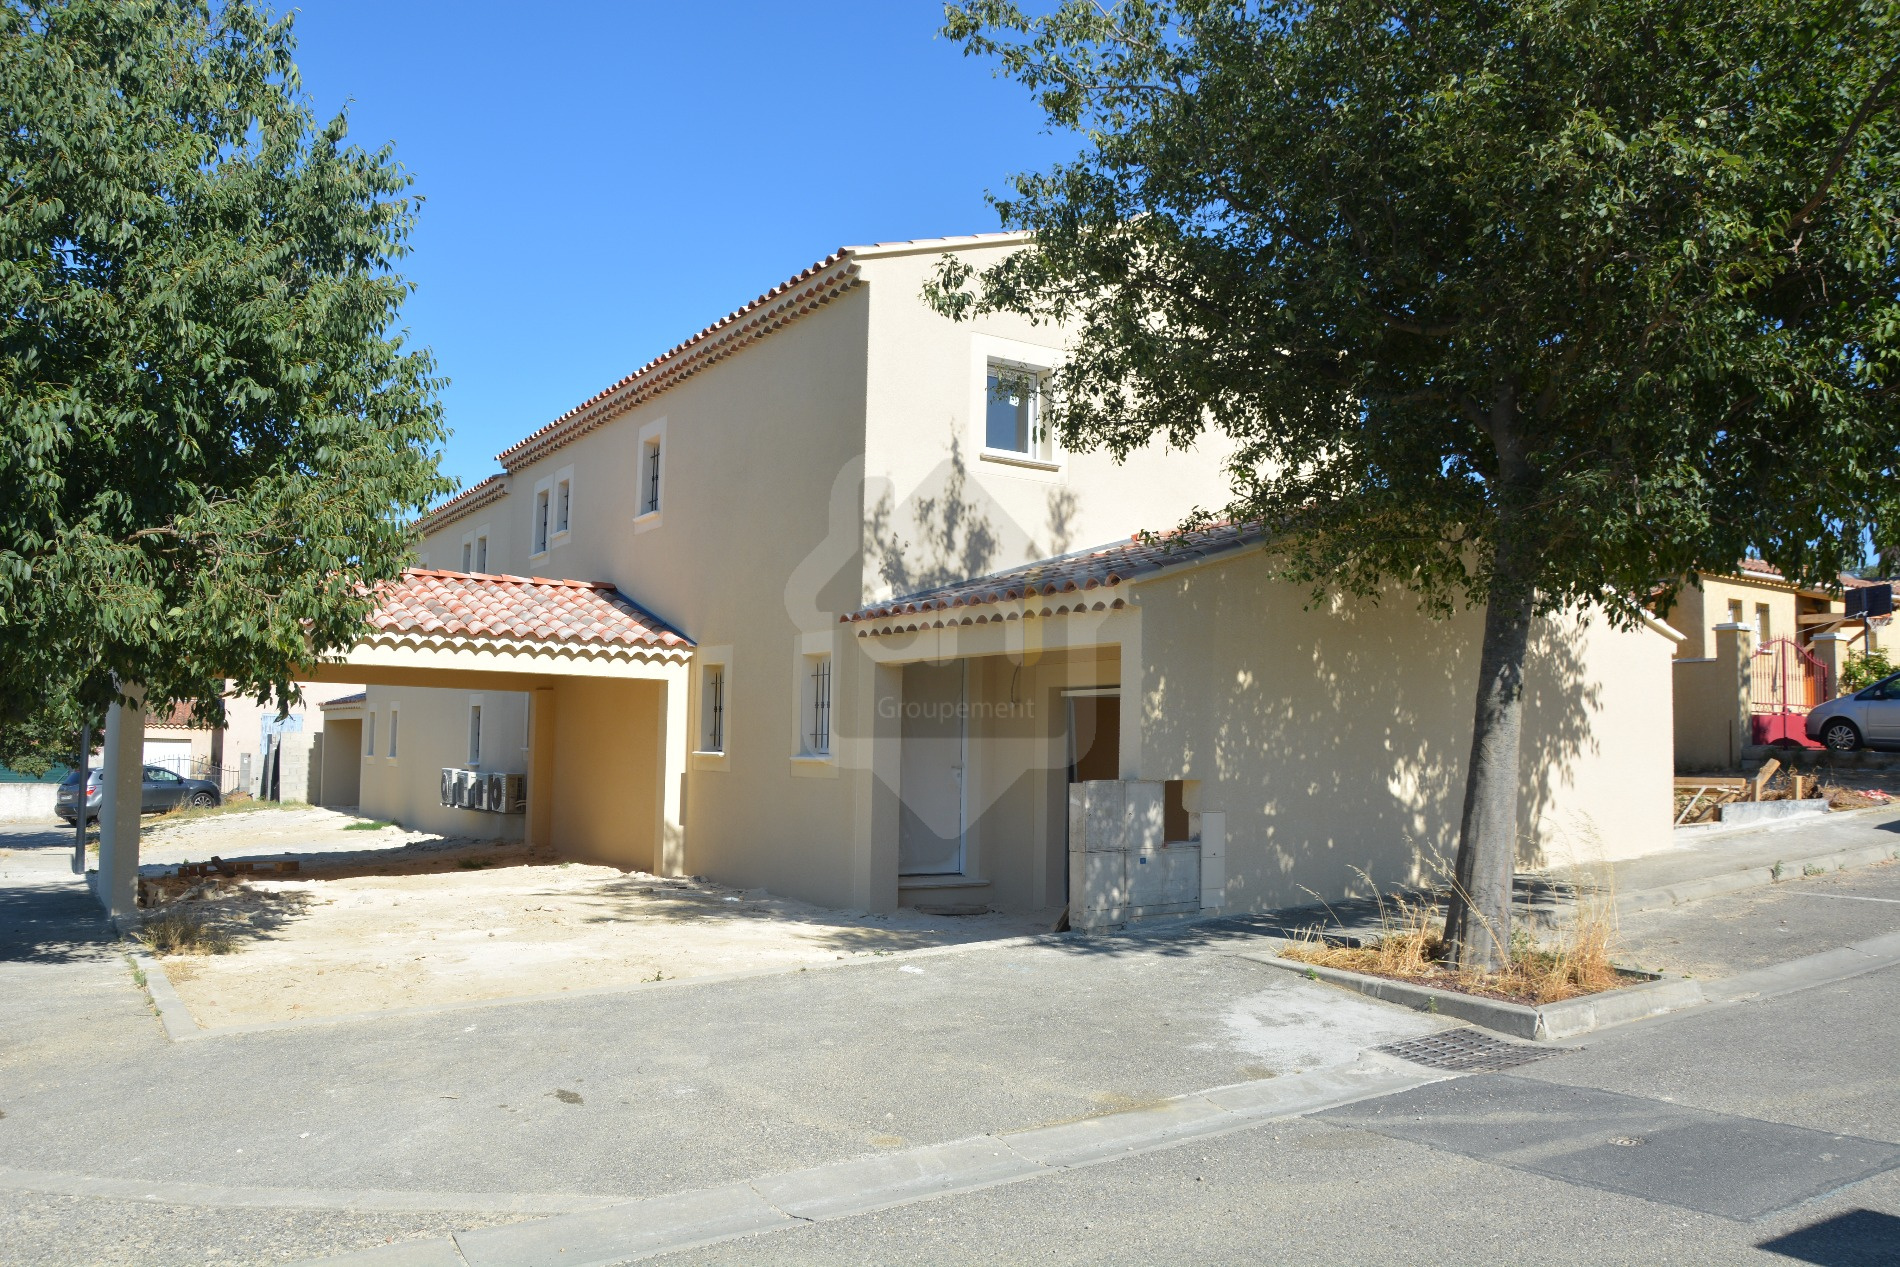 Location maison/villa 5 pièces orange 84100